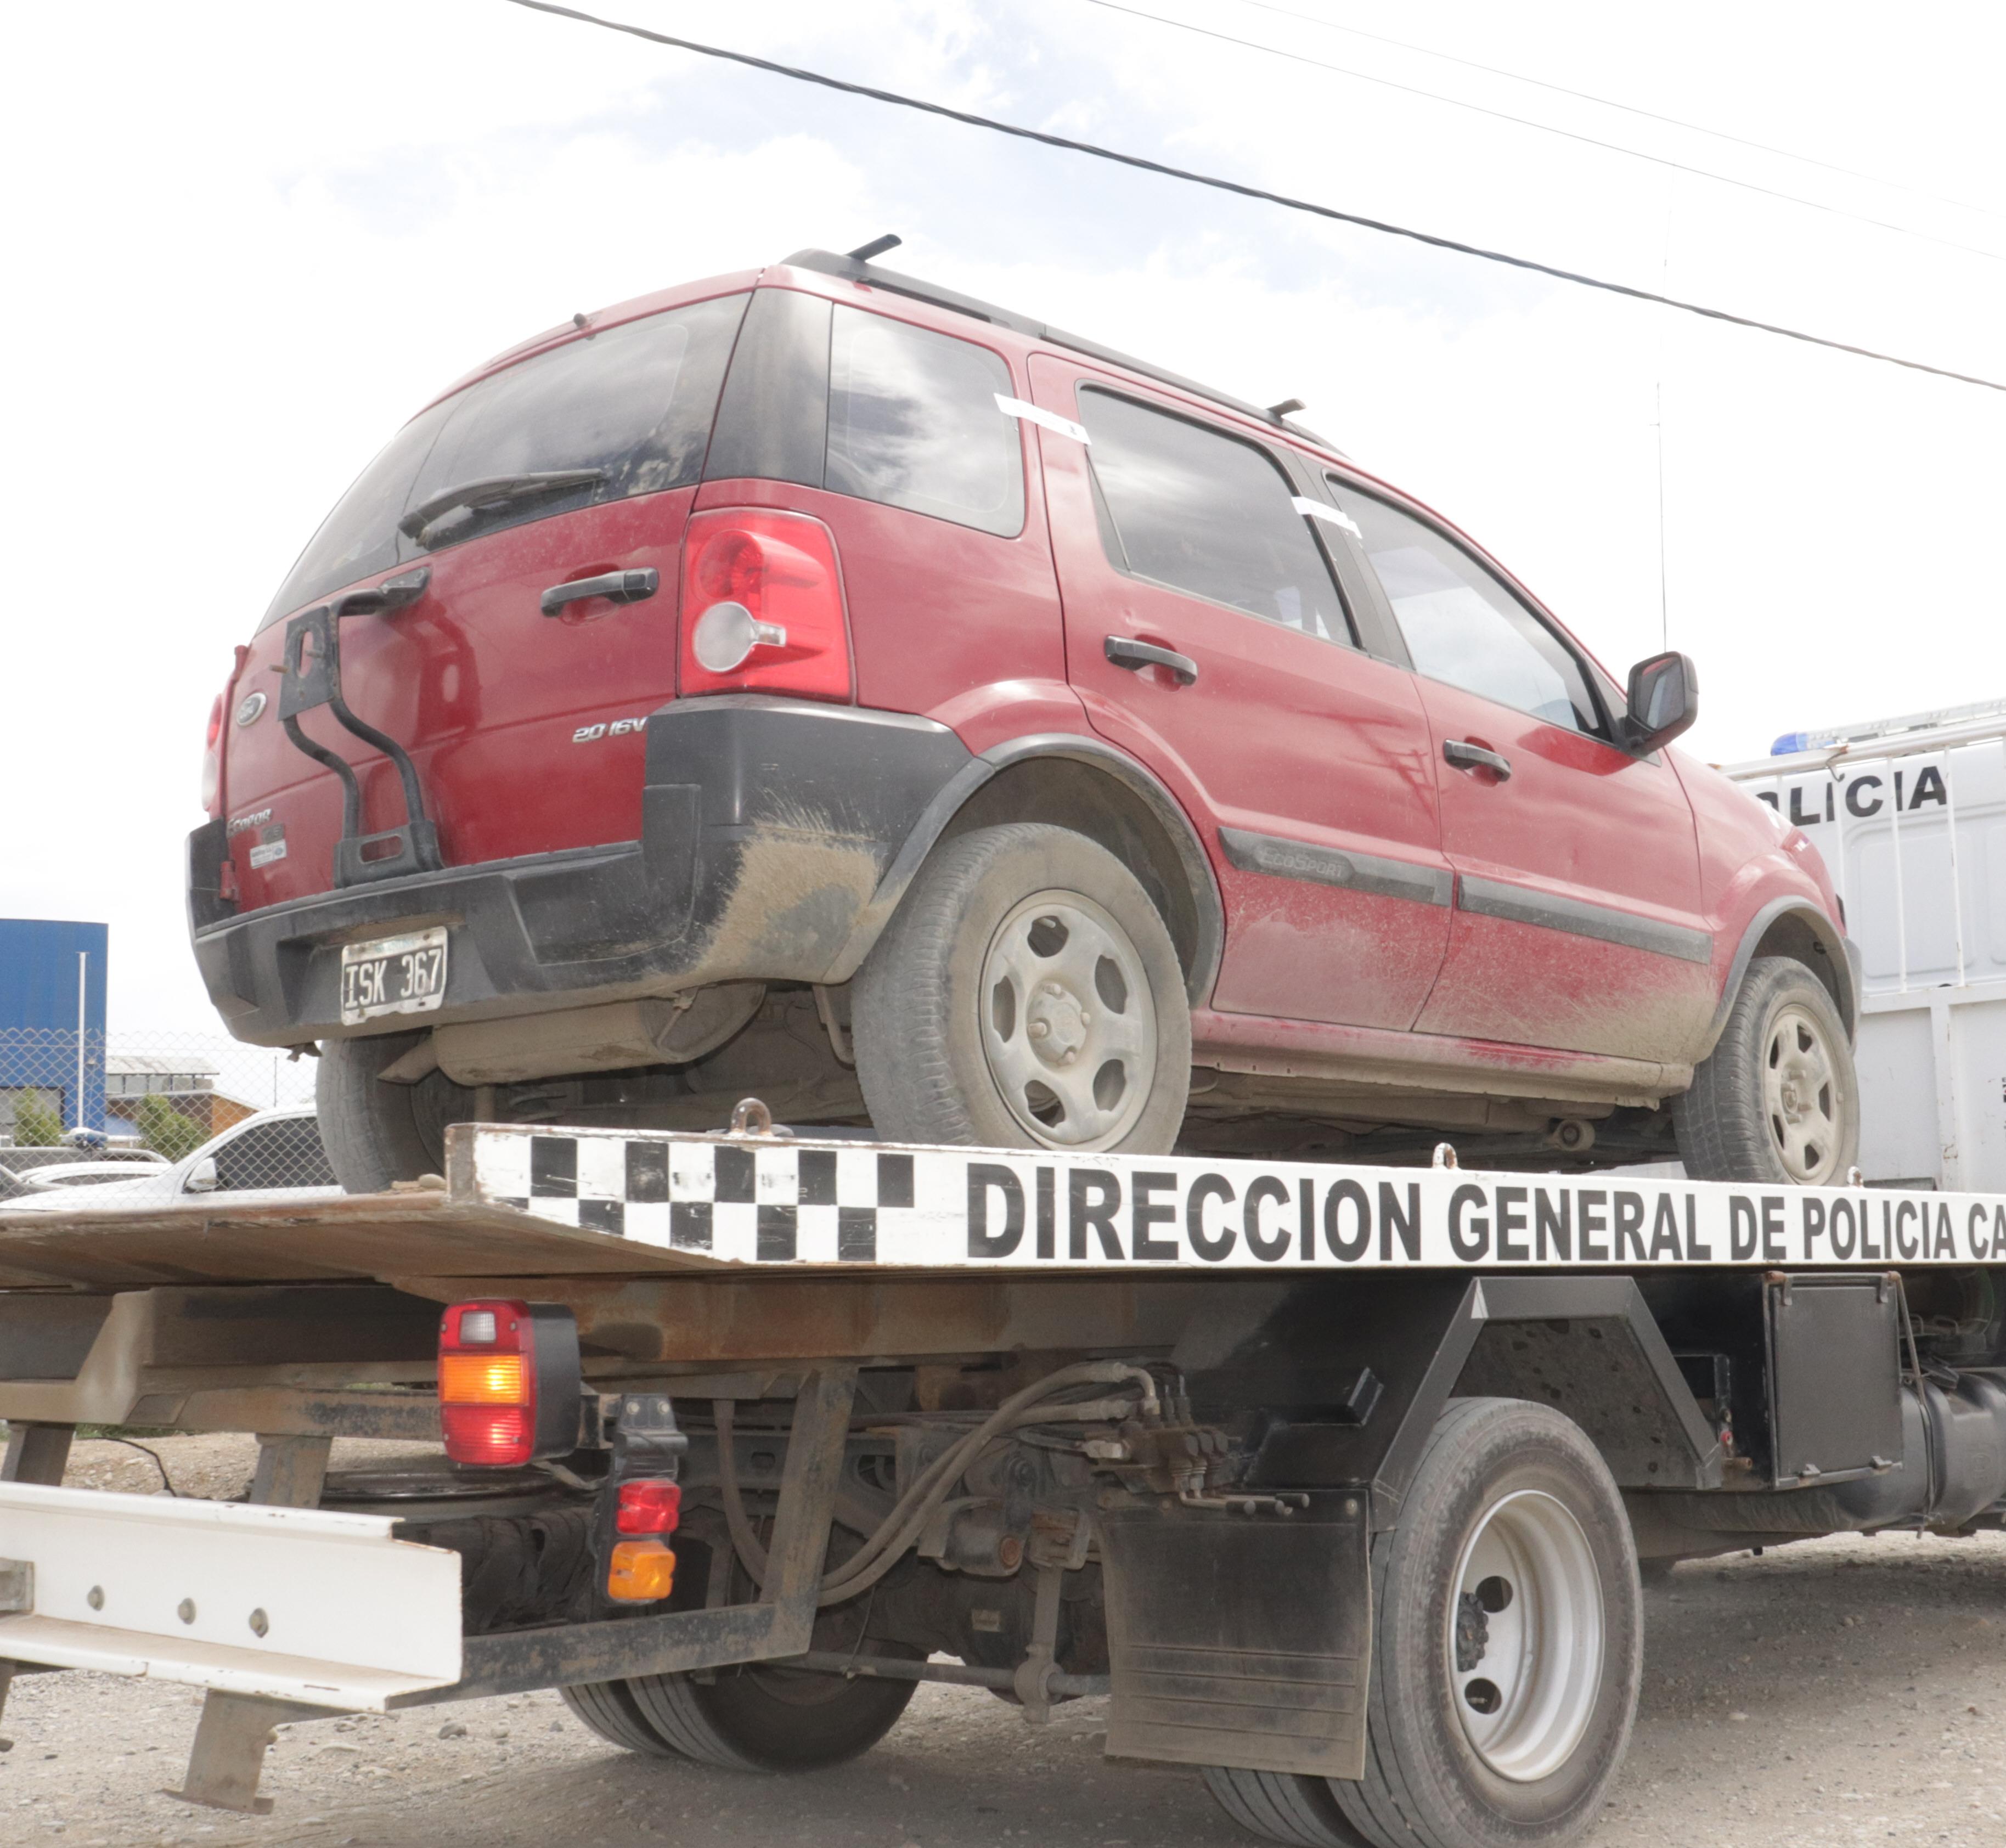 La camioneta de GBC secuestrada por la Policía.